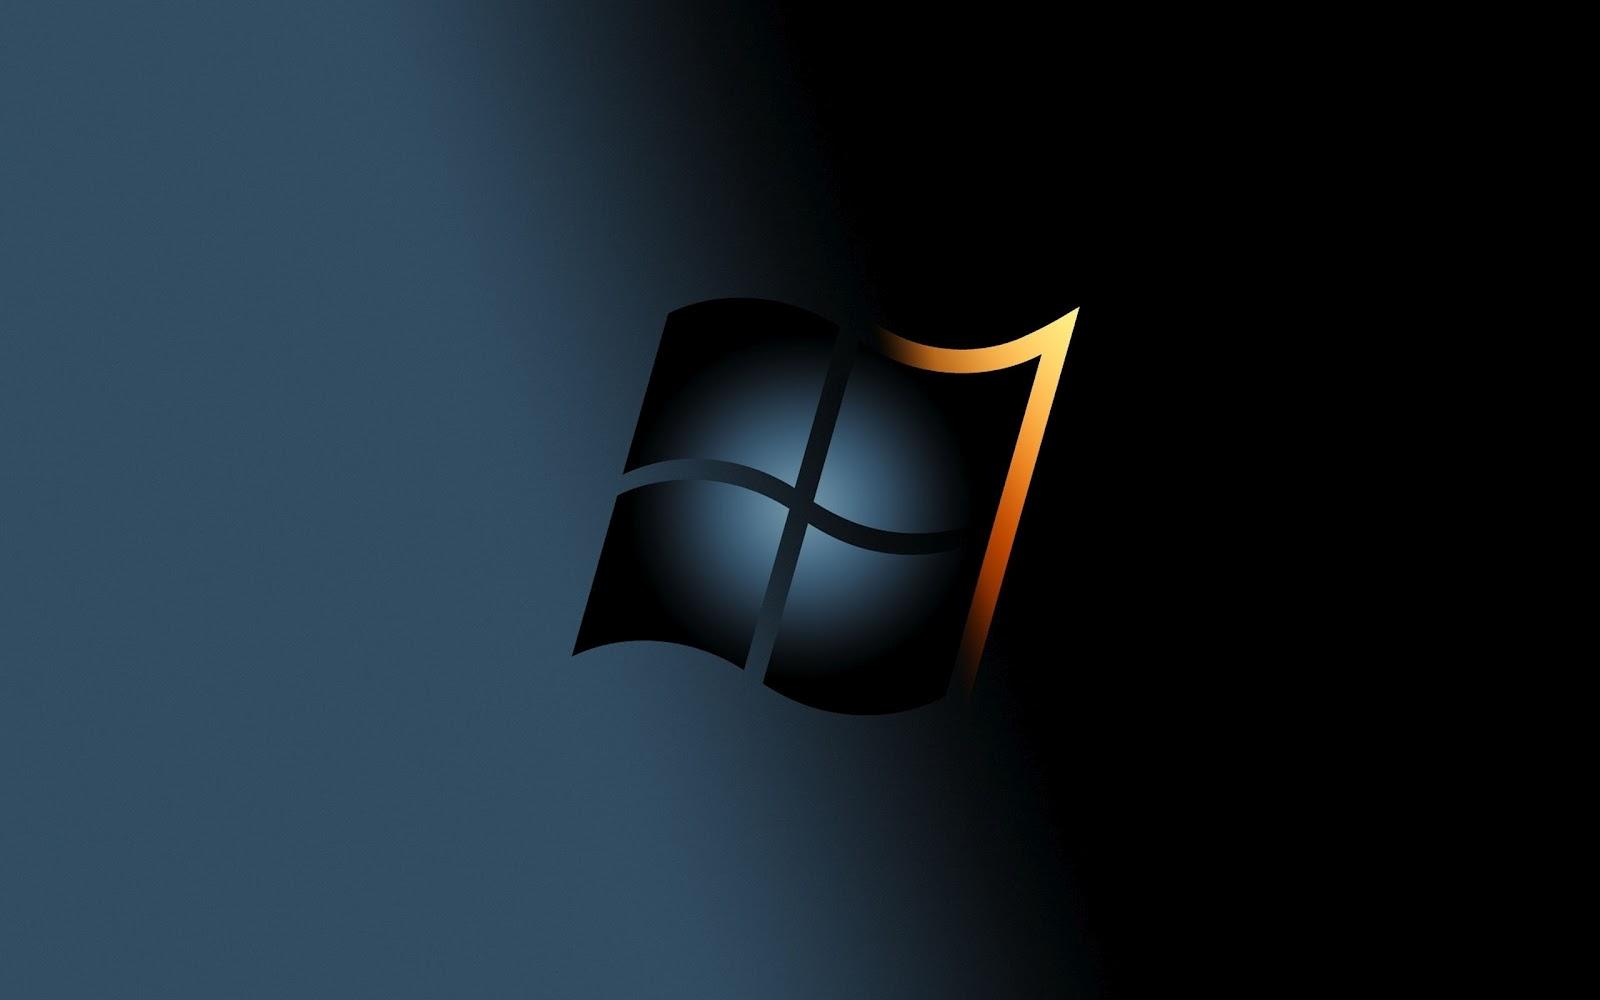 http://3.bp.blogspot.com/-PHcIeJYM1B0/T-nfHNCP_oI/AAAAAAAABrQ/ixdsoePv3EA/s1600/Windows+7+Wallpapers.jpg